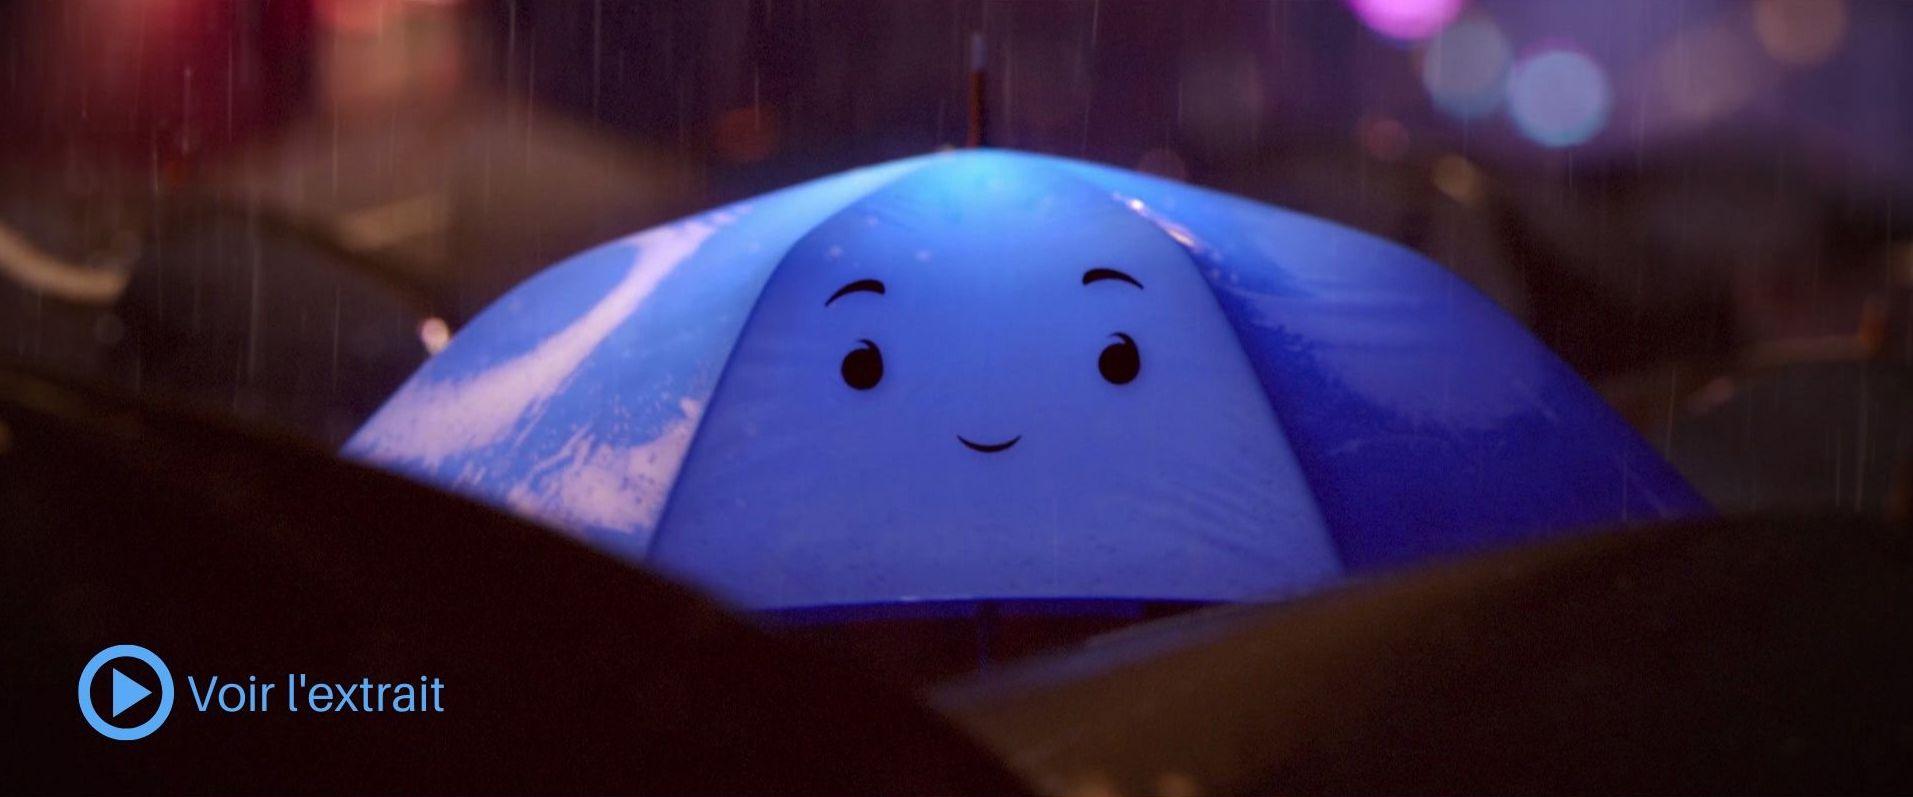 Cinéma d'animation et 3D - L'exemple du Parapluie Bleu